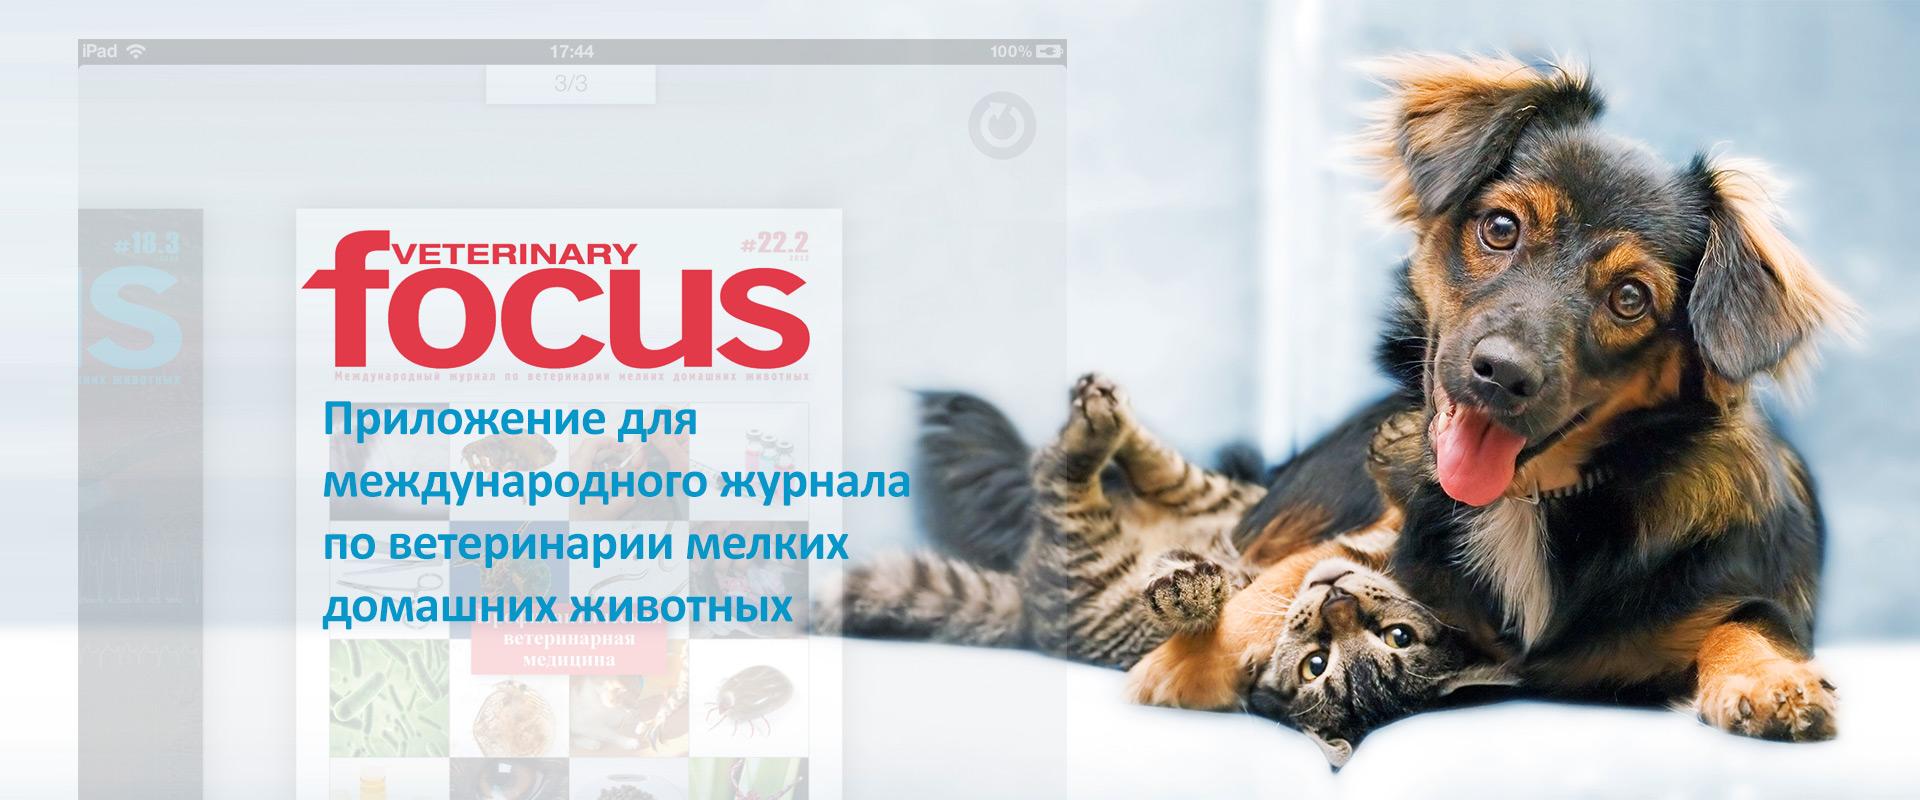 slide_app_veterinaryfocus_ru